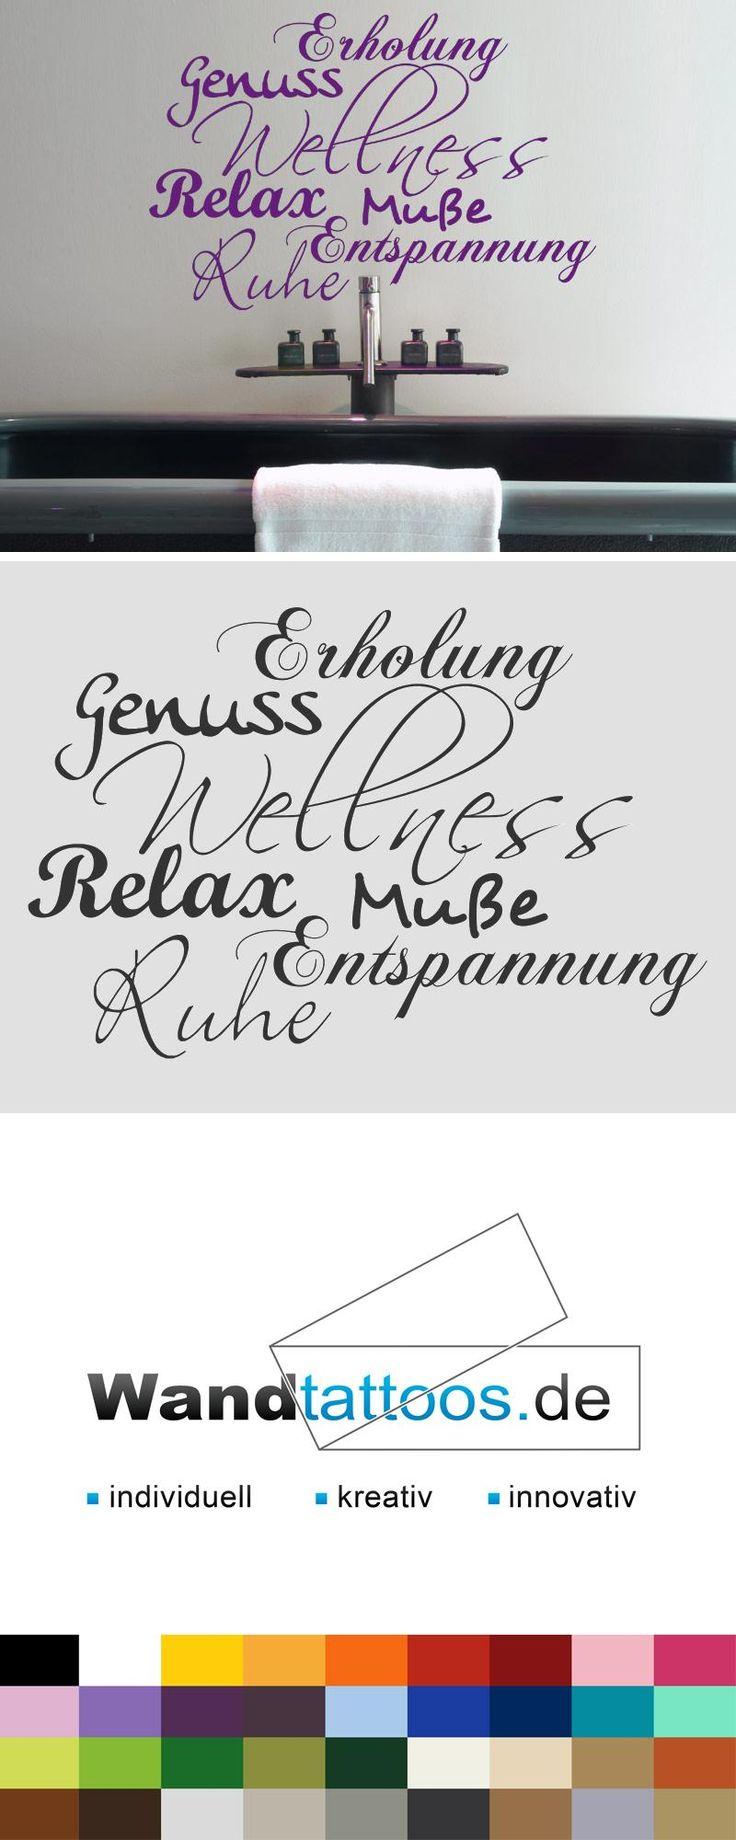 Wandtattoo Wellness pur! als Idee zur individuellen Wandgestaltung. Einfach Lieblingsfarbe und Größe auswählen. Weitere kreative Anregungen von Wandtattoos.de hier entdecken!